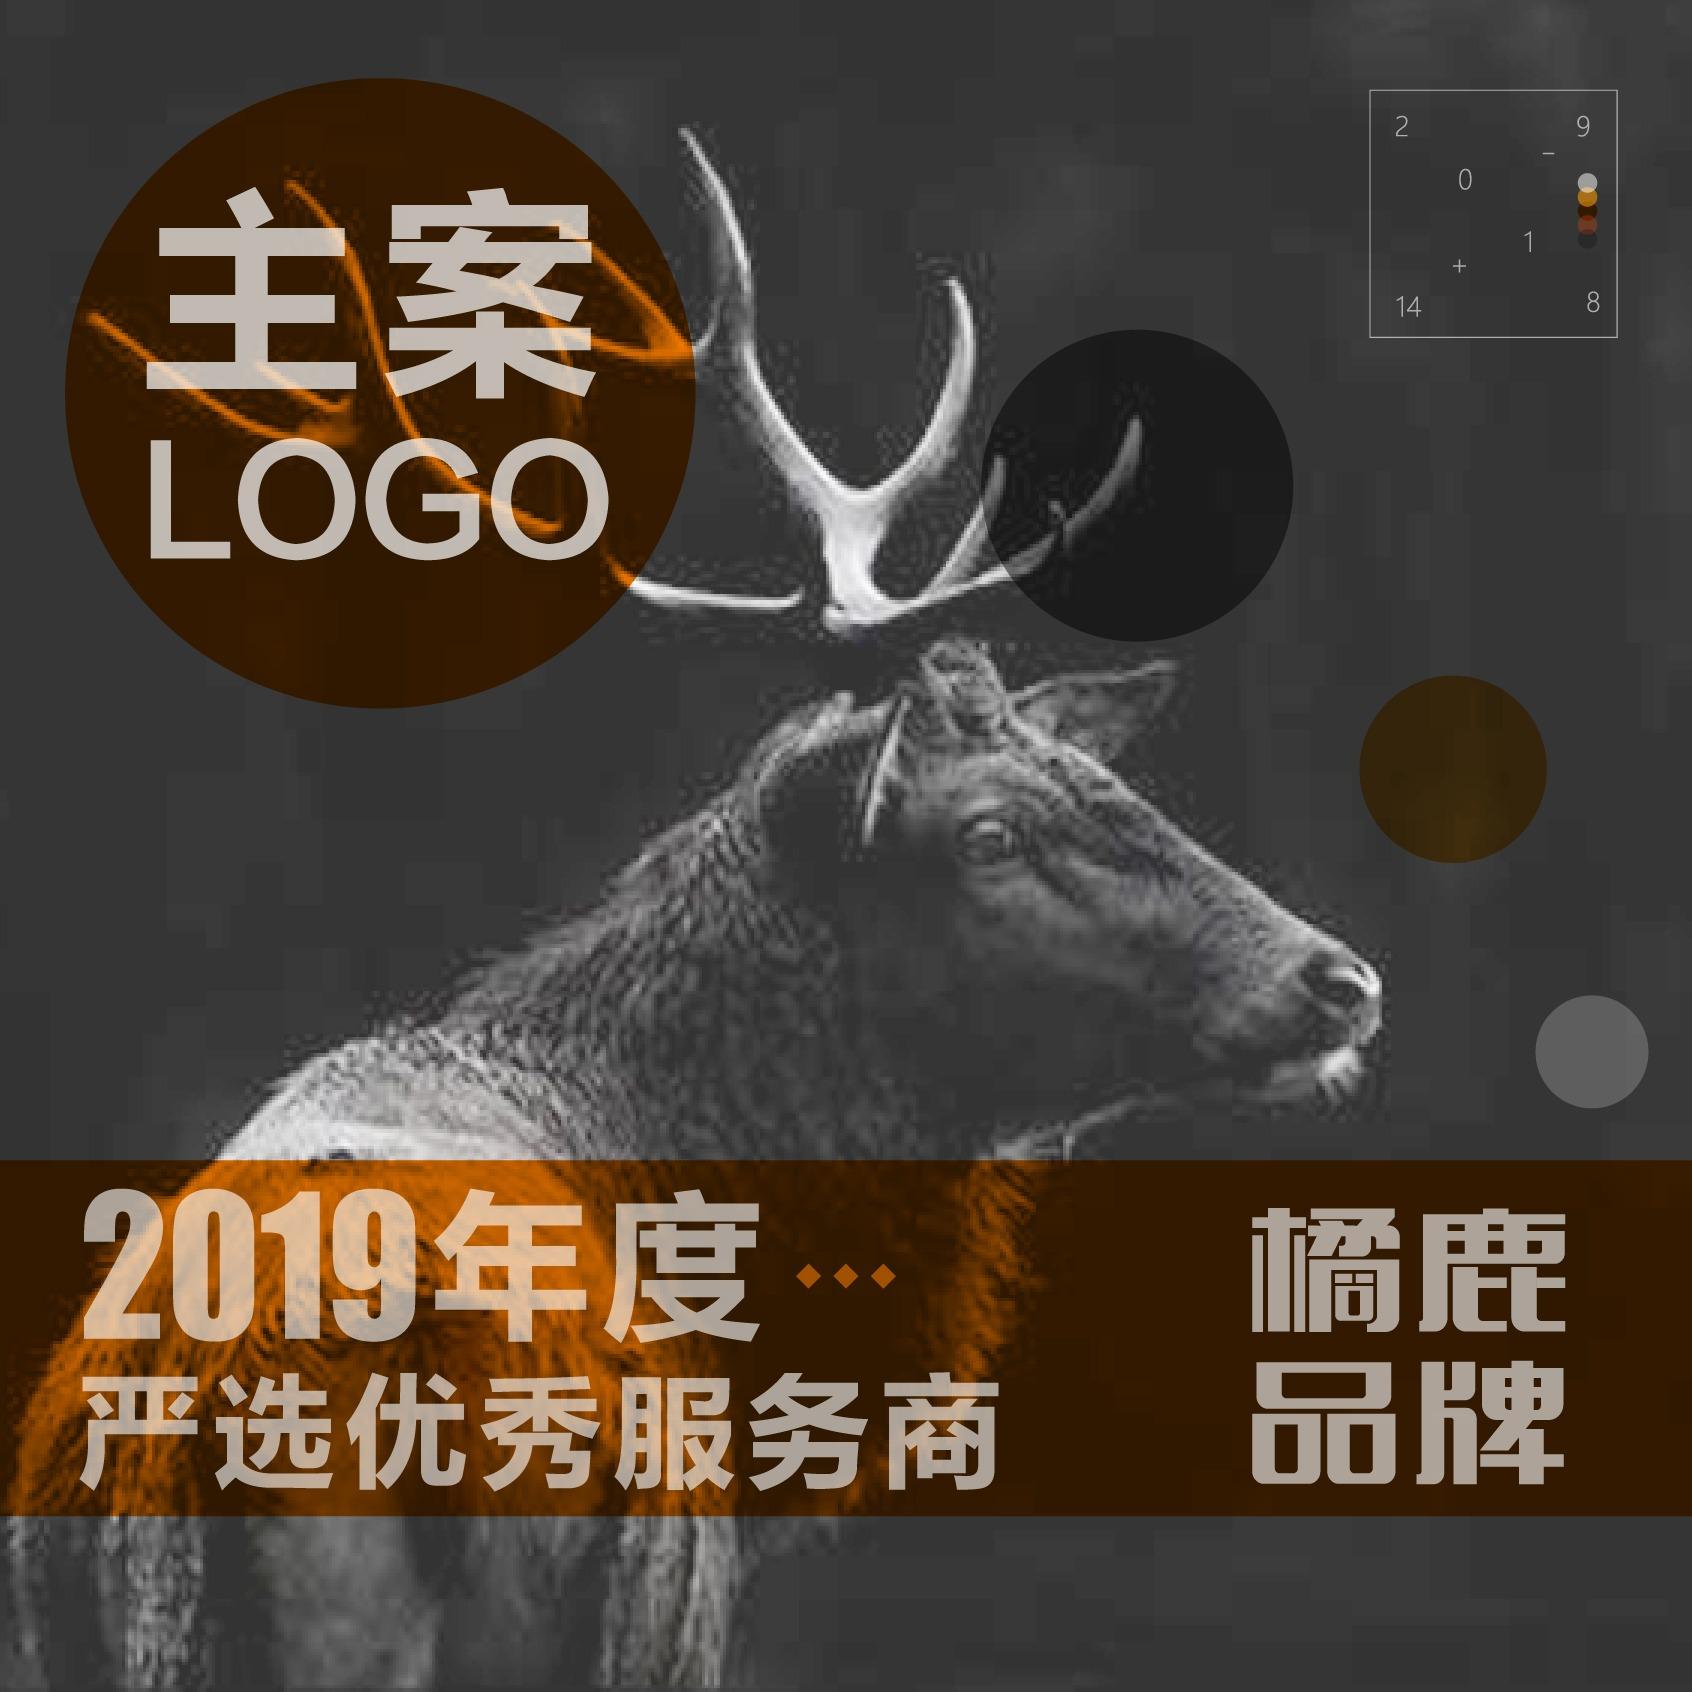 【橘鹿品牌】主案设计师 LOGO标志  初稿不满意 可退款